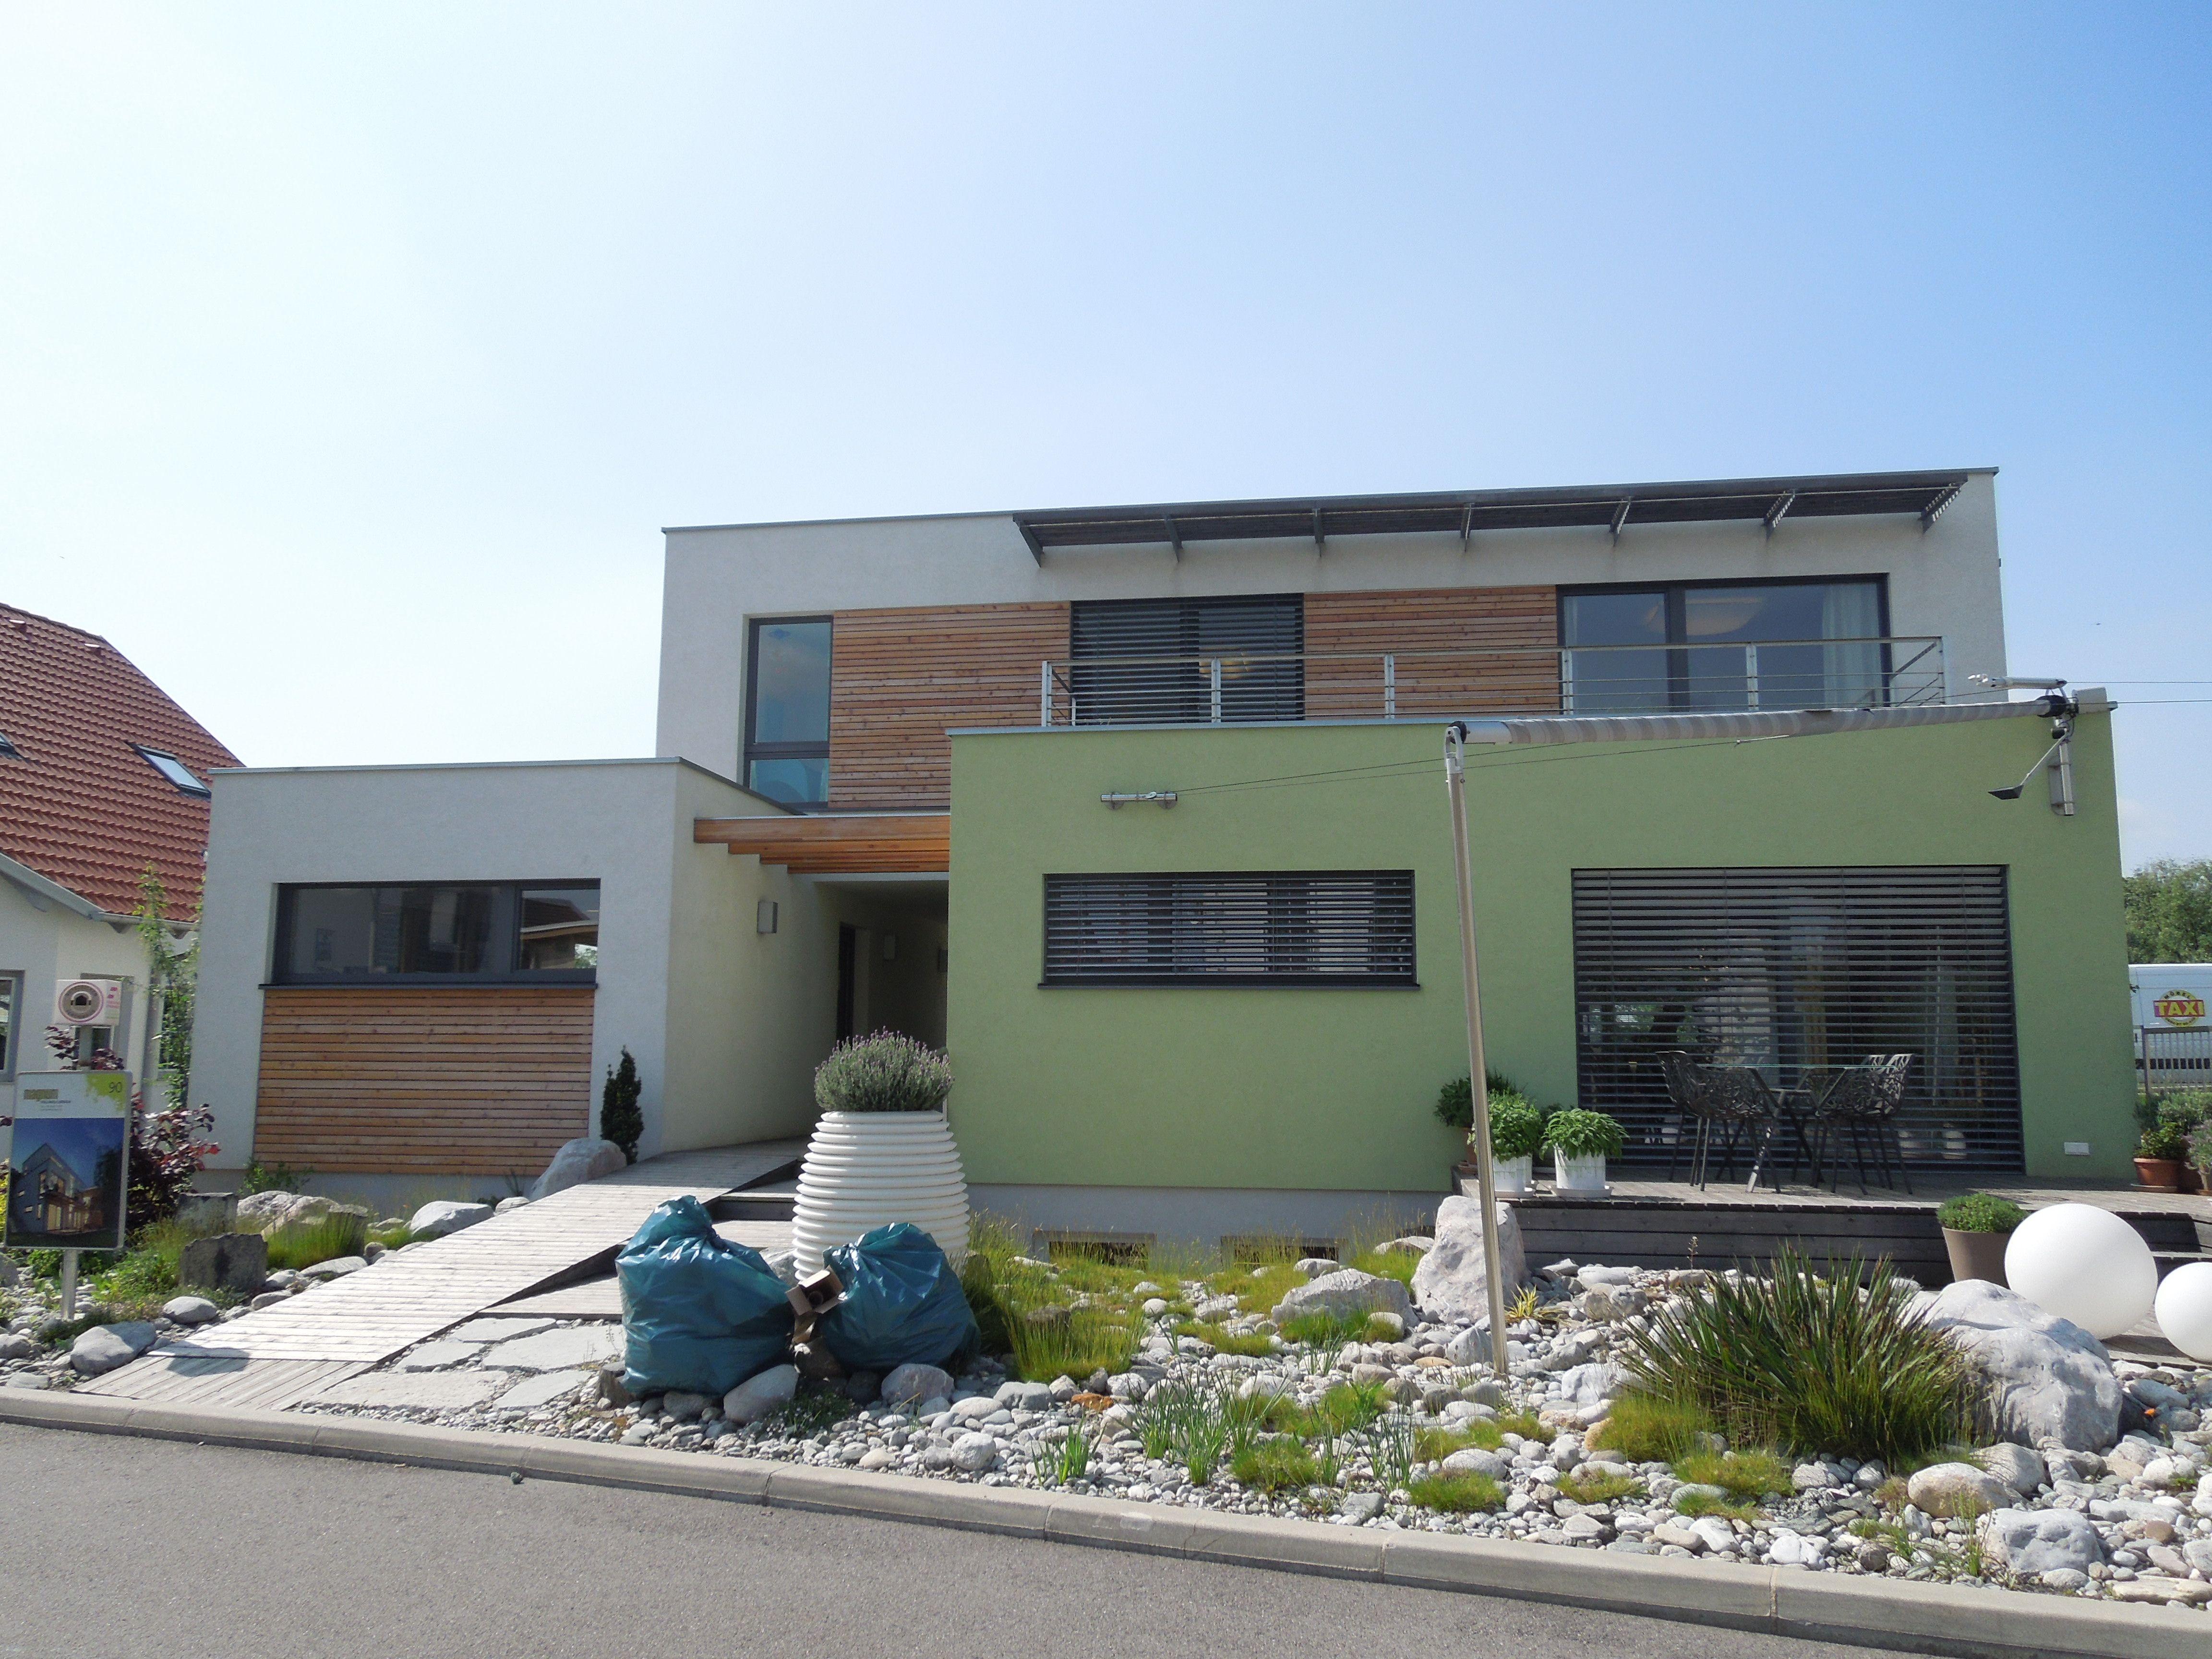 Fassade Modern schöne fassade mit holz moderne häuser future